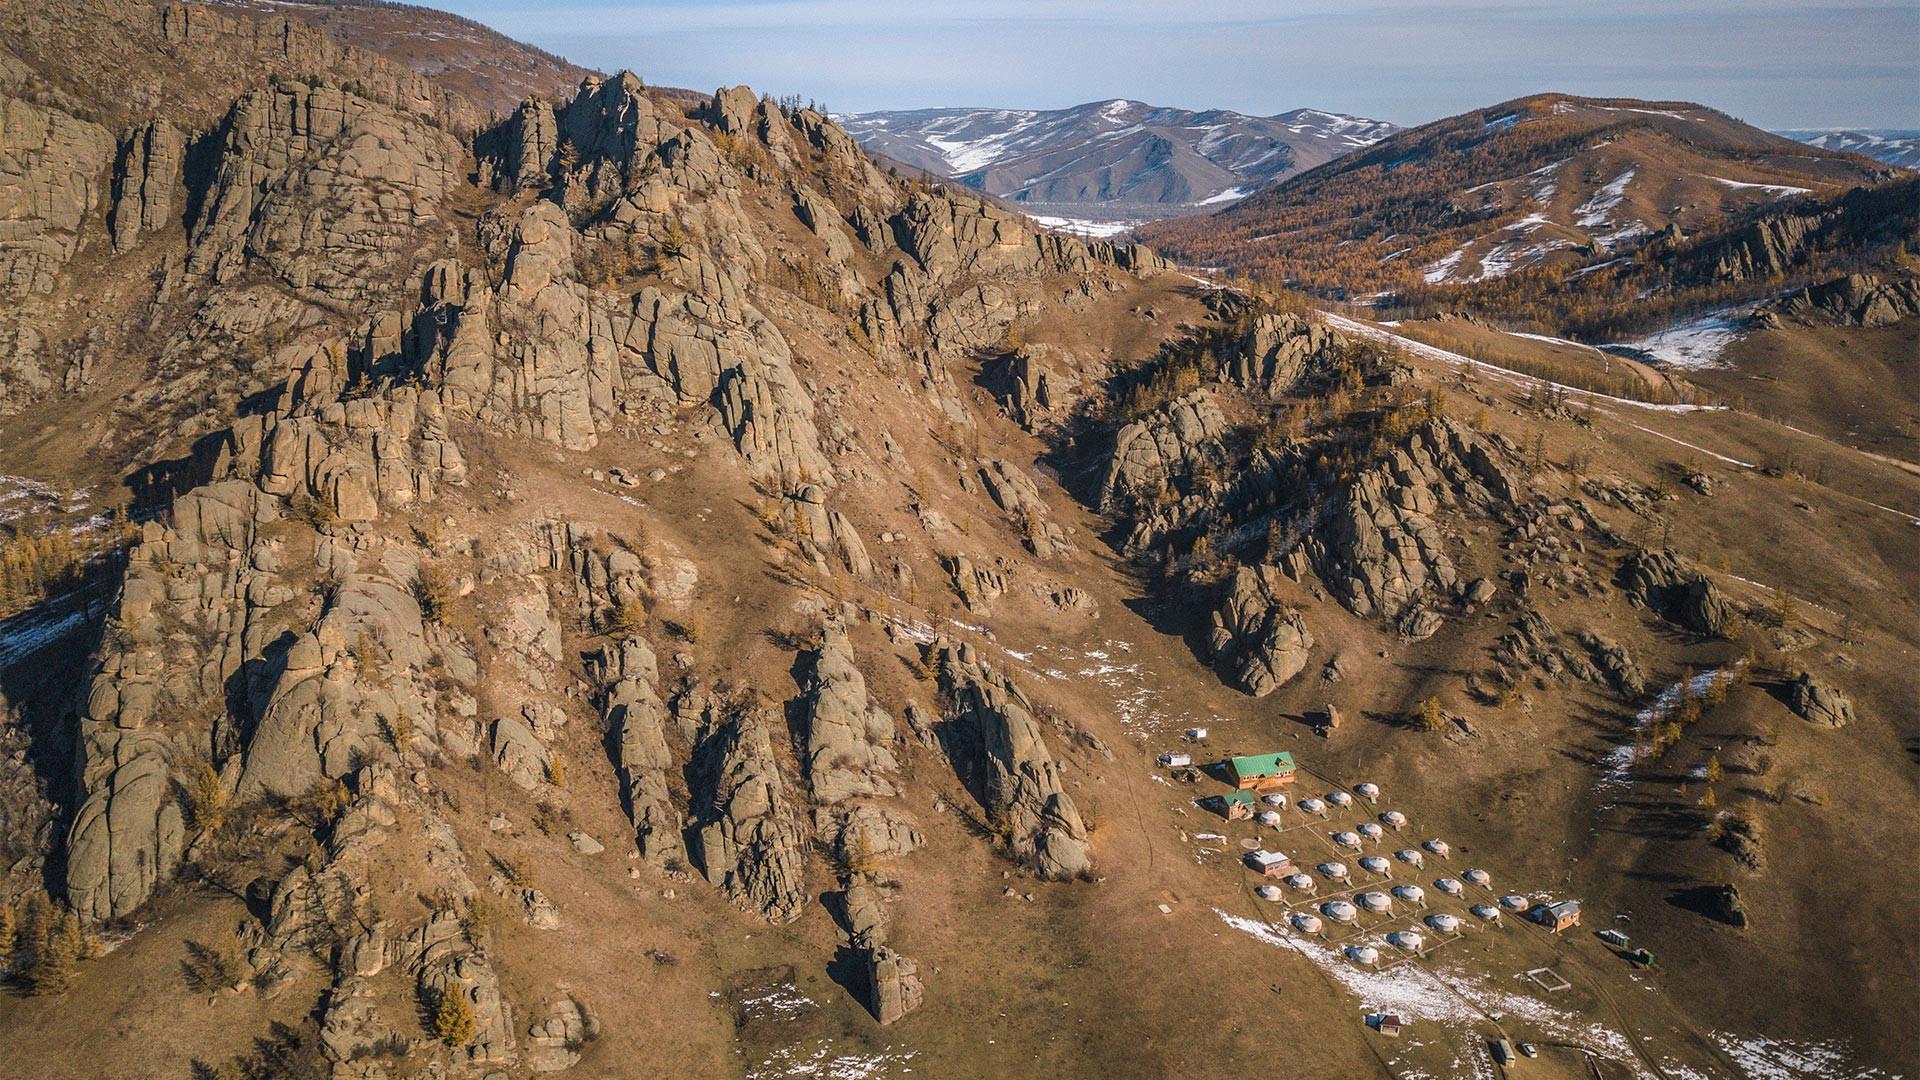 Village of yurts on G Adventures nomadic life tour